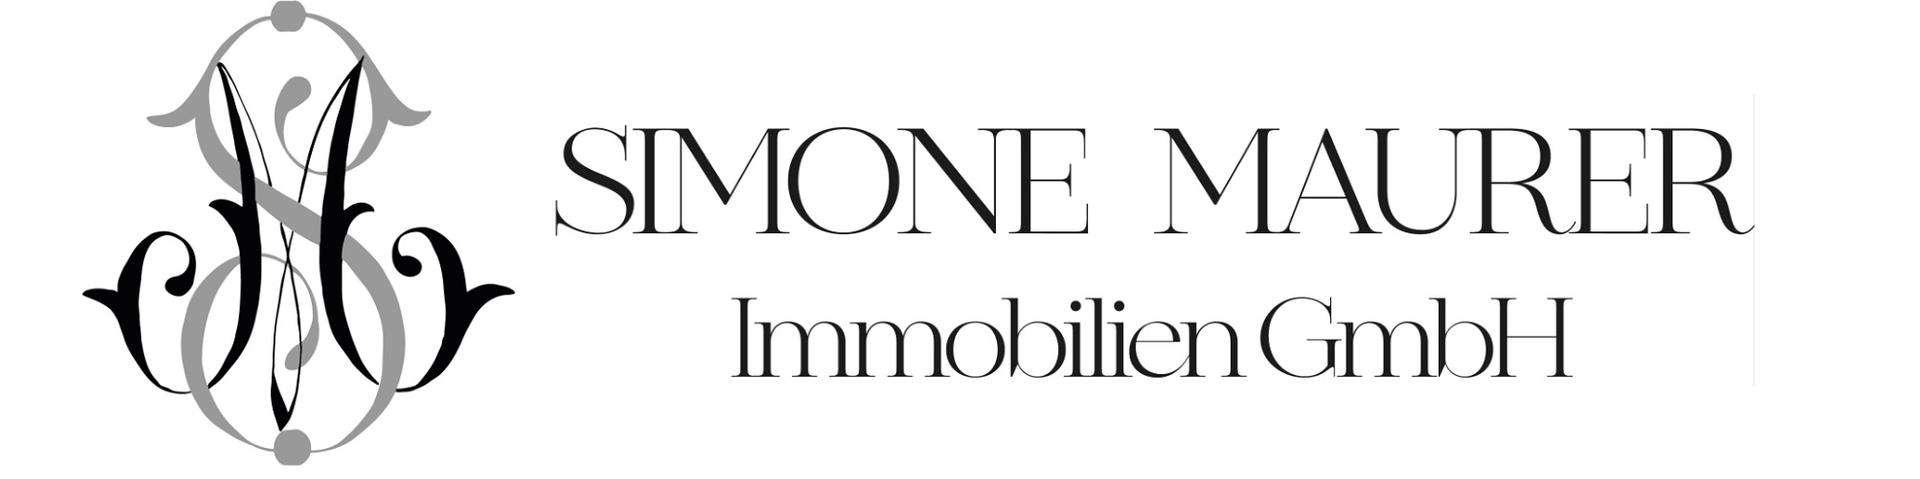 Makler http://www.maurer-immobilien.at/ logo